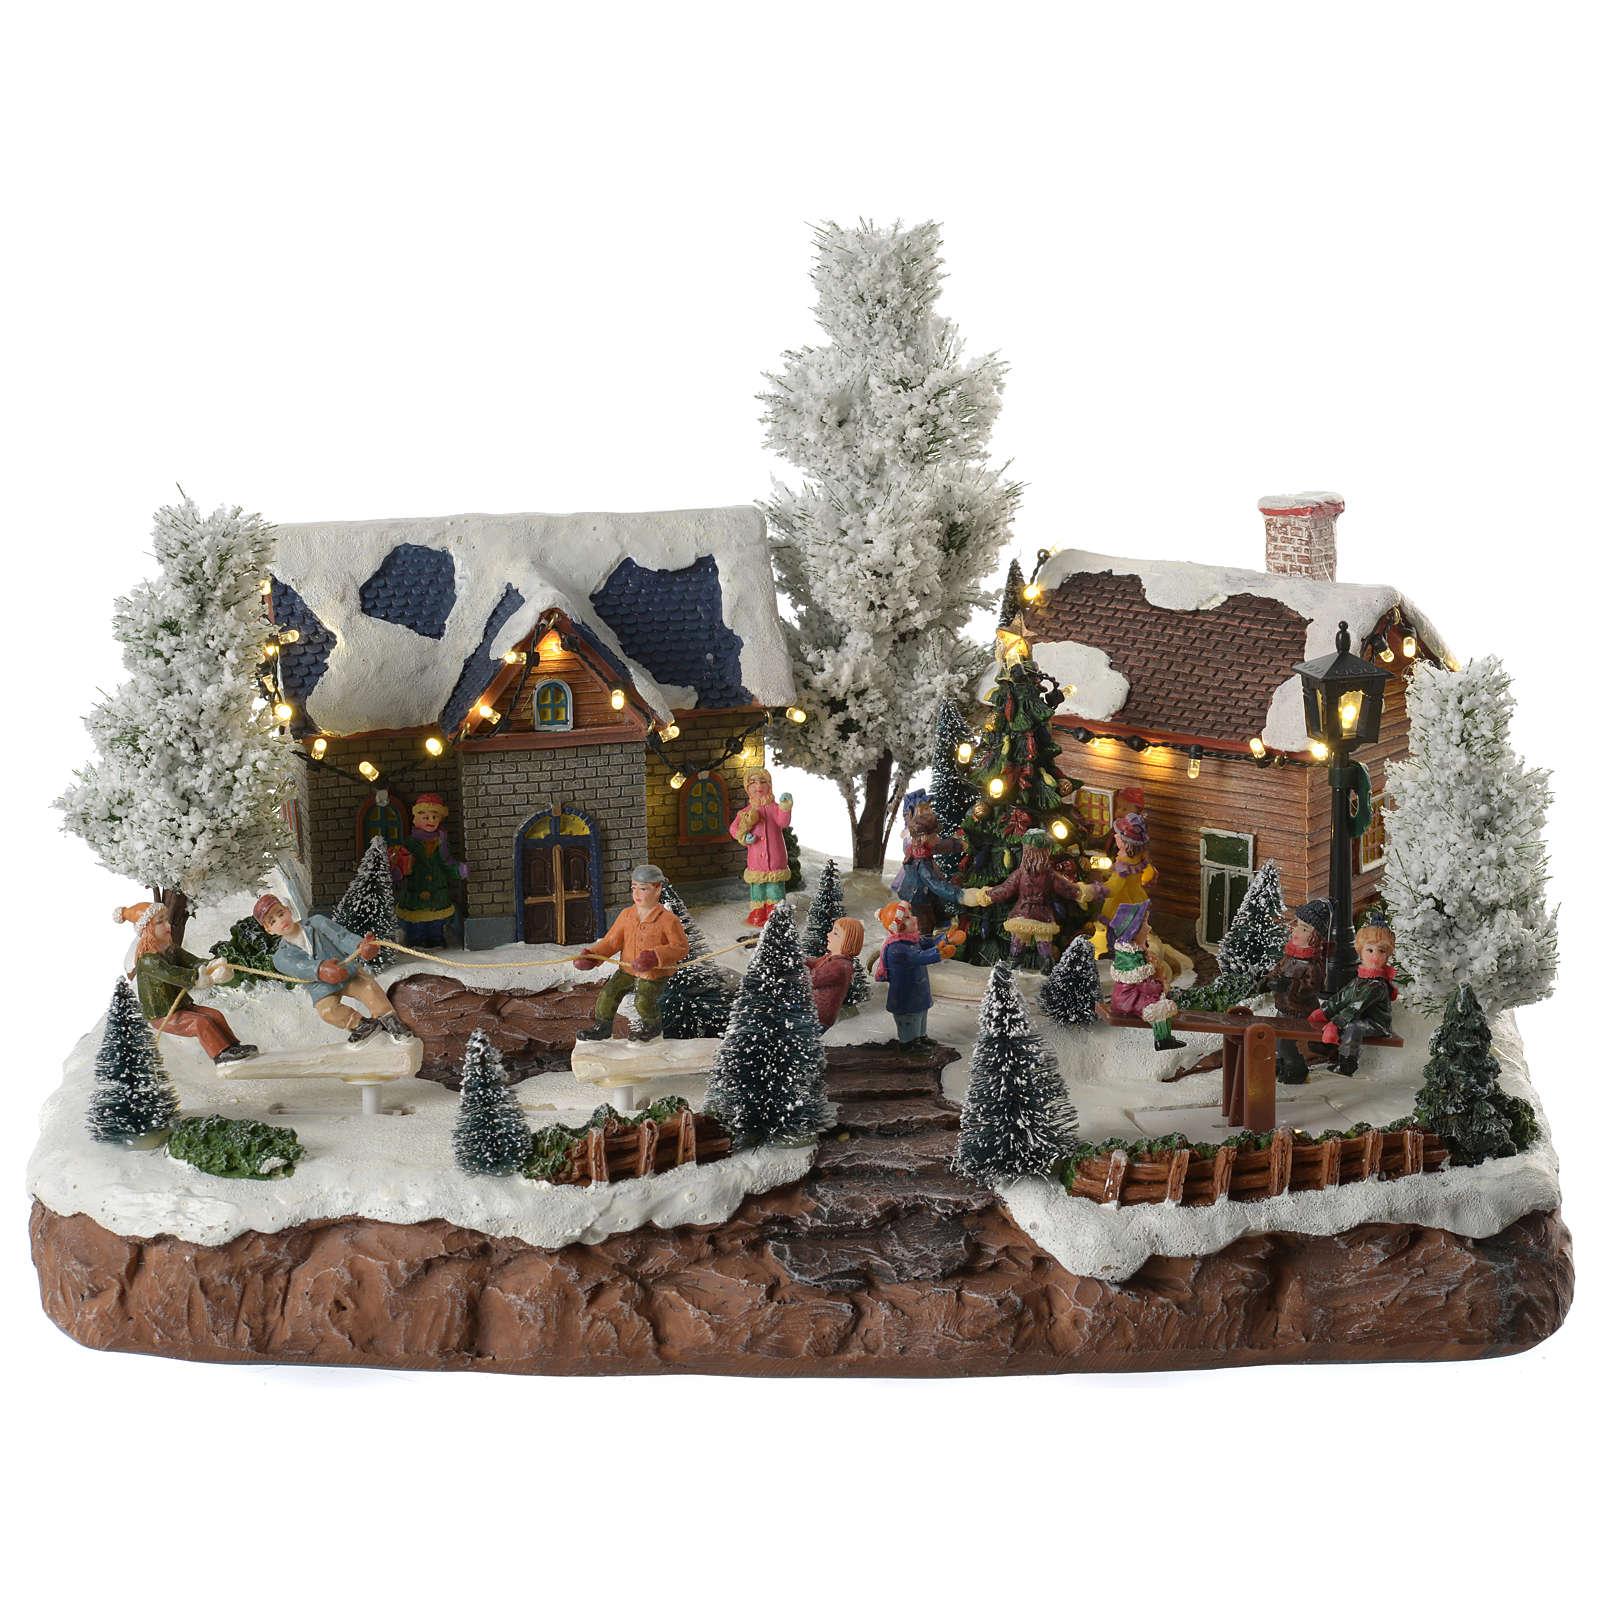 Weihnachtsszene Spielplatz mit Musik 35x25x25cm | Online Verfauf auf ...